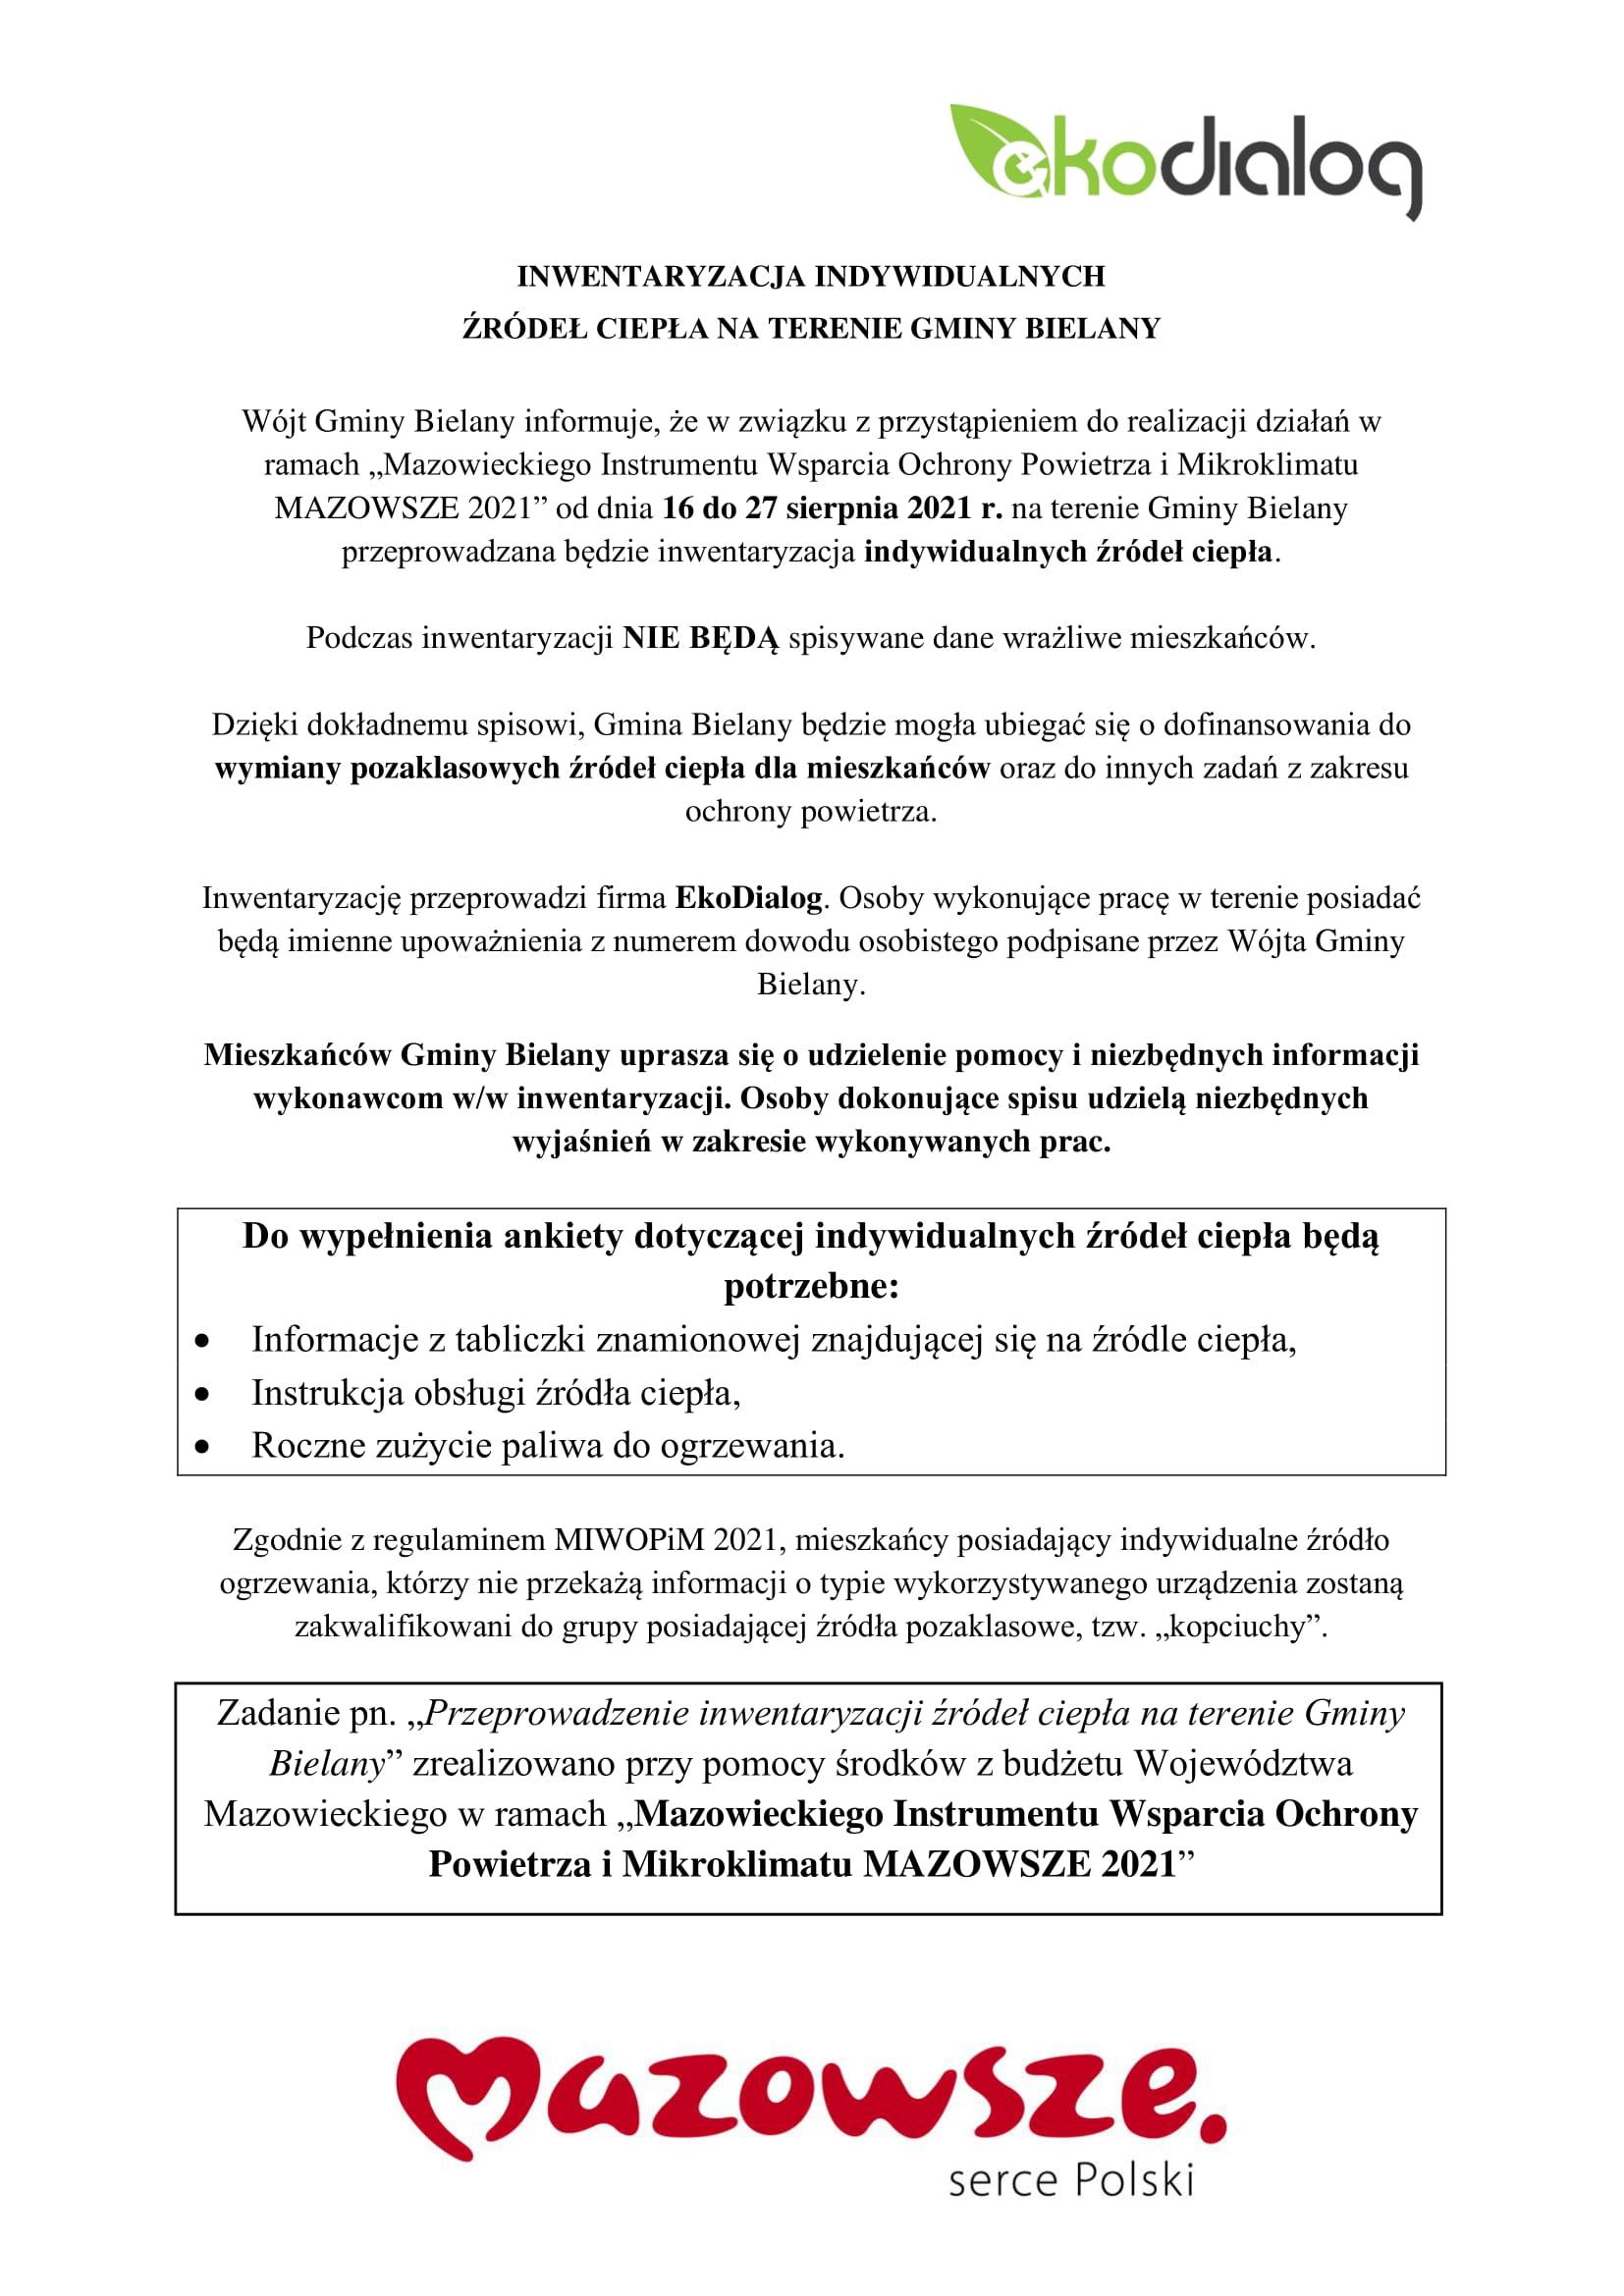 """Na górze, po prawej stronie znajduje się zielono-szare logo ekodialog, poniżej tekst: INWENTARYZACJA INDYWIDUALNYCH  ŹRÓDEŁ CIEPŁA NA TERENIE GMINY BIELANY  Wójt Gminy Bielany informuje, że w związku z przystąpieniem do realizacji działań w ramach """"Mazowieckiego Instrumentu Wsparcia Ochrony Powietrza i Mikroklimatu MAZOWSZE 2021"""" od dnia 16 do 27 sierpnia 2021 r. na terenie Gminy Bielany przeprowadzana będzie inwentaryzacja indywidualnych źródeł ciepła.   Podczas inwentaryzacji NIE BĘDĄ spisywane dane wrażliwe mieszkańców.  Dzięki dokładnemu spisowi, Gmina Bielany będzie mogła ubiegać się o dofinansowania do wymiany pozaklasowych źródeł ciepła dla mieszkańców oraz do innych zadań z zakresu ochrony powietrza.  Inwentaryzację przeprowadzi firma EkoDialog. Osoby wykonujące pracę w terenie posiadać będą imienne upoważnienia z numerem dowodu osobistego podpisane przez Wójta Gminy Bielany.  Mieszkańców Gminy Bielany uprasza się o udzielenie pomocy i niezbędnych informacji wykonawcom w/w inwentaryzacji. Osoby dokonujące spisu udzielą niezbędnych wyjaśnień w zakresie wykonywanych prac.  Do wypełnienia ankiety dotyczącej indywidualnych źródeł ciepła będą potrzebne: •Informacje z tabliczki znamionowej znajdującej się na źródle ciepła, •Instrukcja obsługi źródła ciepła, •Roczne zużycie paliwa do ogrzewania.  Zgodnie z regulaminem MIWOPiM 2021, mieszkańcy posiadający indywidualne źródło ogrzewania, którzy nie przekażą informacji o typie wykorzystywanego urządzenia zostaną zakwalifikowani do grupy posiadającej źródła pozaklasowe, tzw. """"kopciuchy"""".  Zadanie pn. """"Przeprowadzenie inwentaryzacji źródeł ciepła na terenie Gminy Bielany"""" zrealizowano przy pomocy środków z budżetu Województwa Mazowieckiego w ramach """"Mazowieckiego Instrumentu Wsparcia Ochrony Powietrza i Mikroklimatu MAZOWSZE 2021"""". Na dole strony czerwone logo mazowsze"""